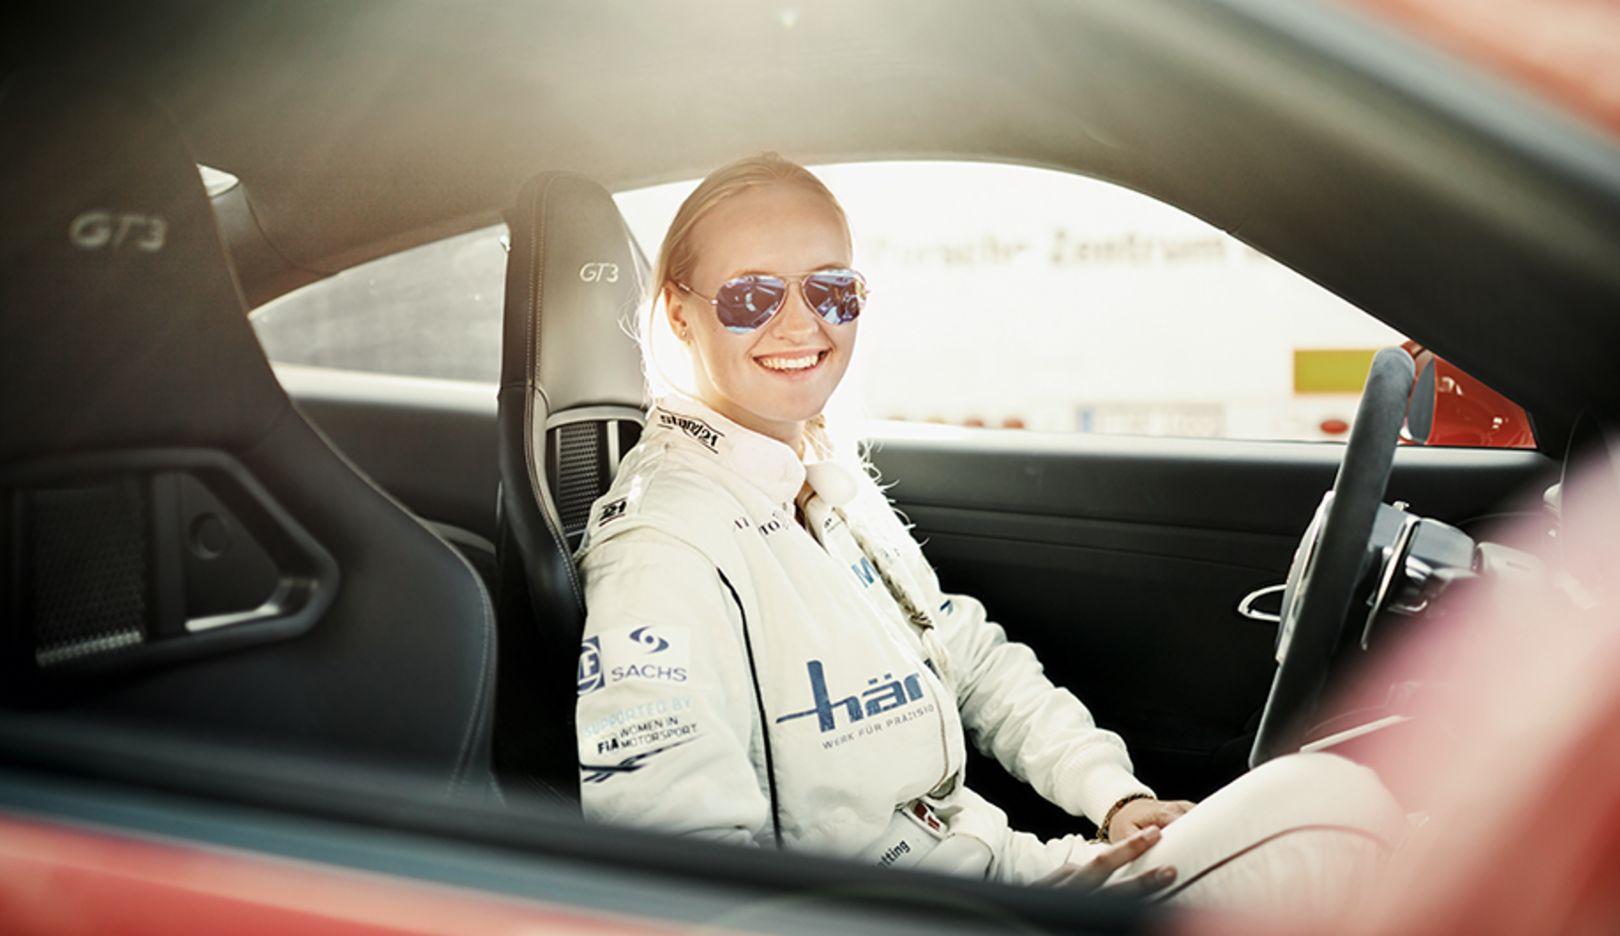 Michelle Gatting, Porsche-Carrera-Cup pilot, 911 GT3, 2014, Porsche AG